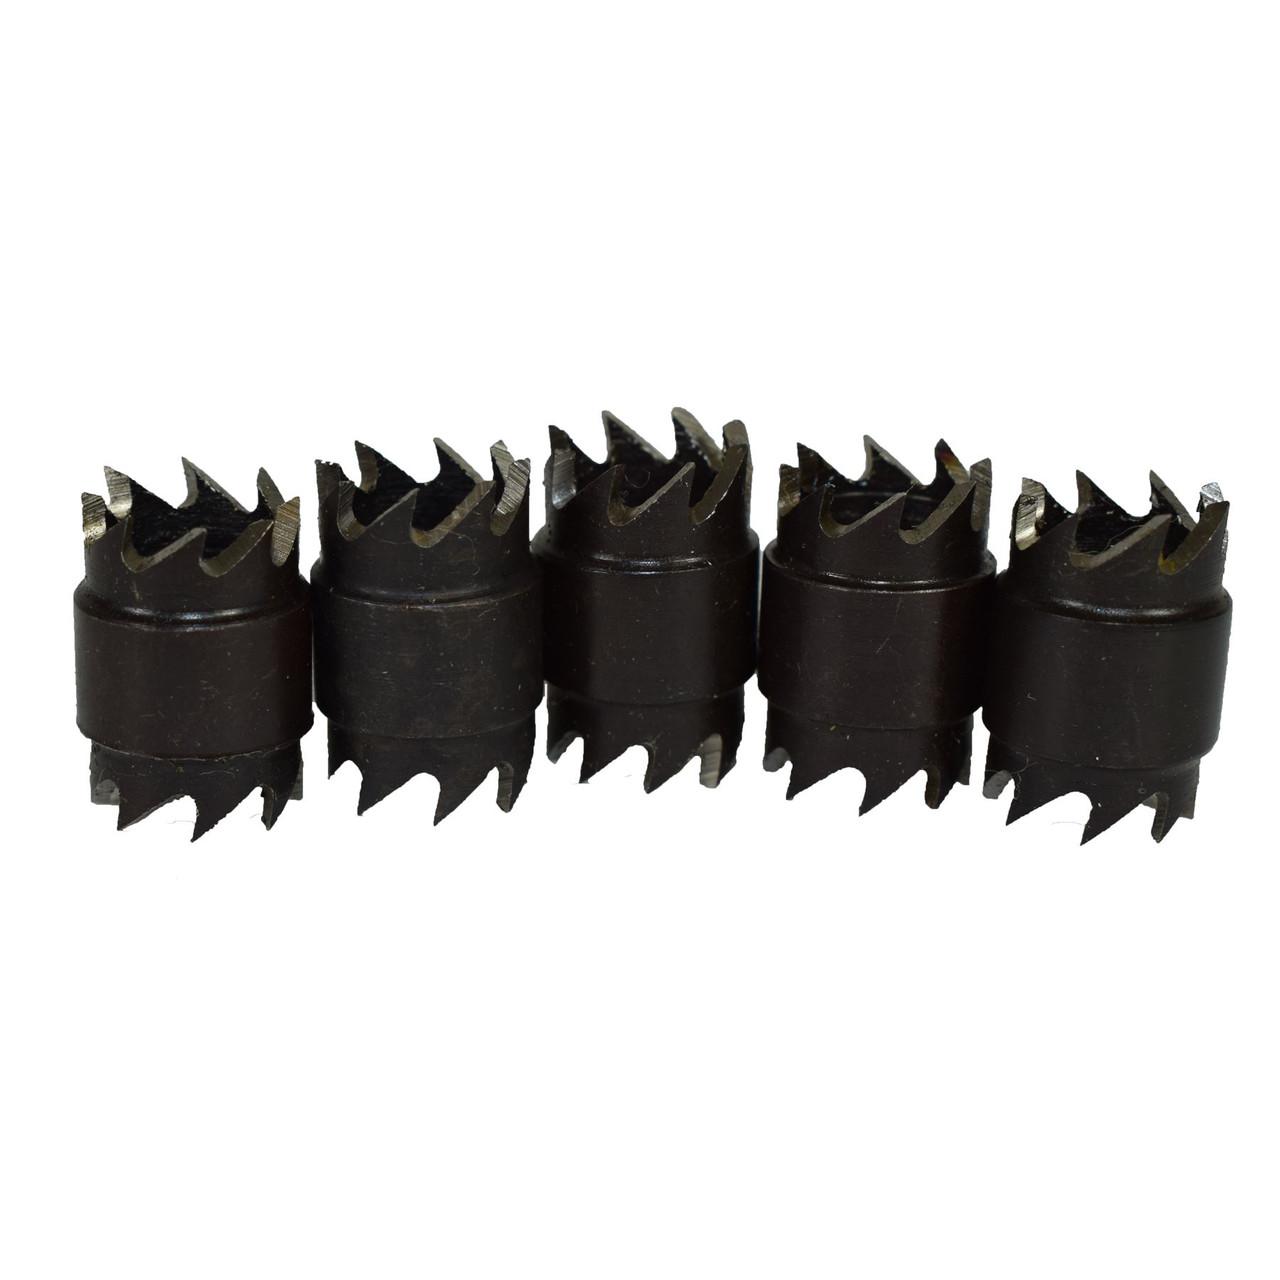 HSS Cobalt Spot Weld Cutter And Drill Set 8-9.5mm Interchangeable Heads 9pc